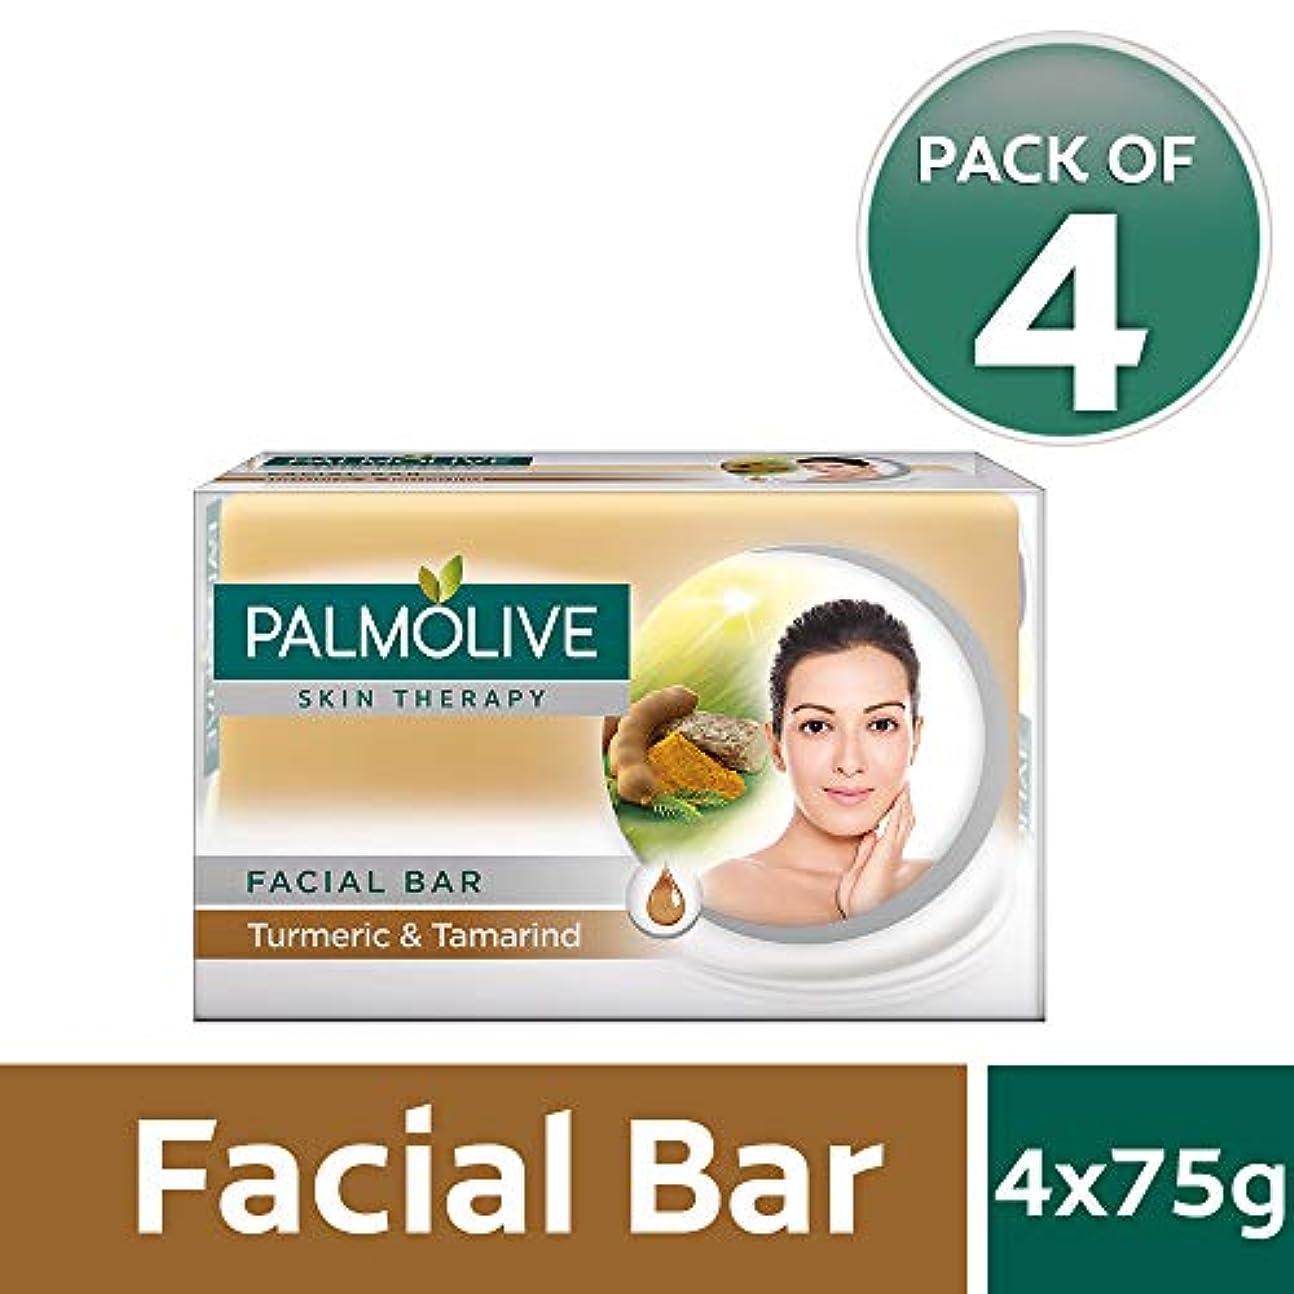 判定役に立たないと遊ぶPalmolive Skin Therapy Facial Bar Soap with Turmeric and Tamarind - 75g (Pack of 4)